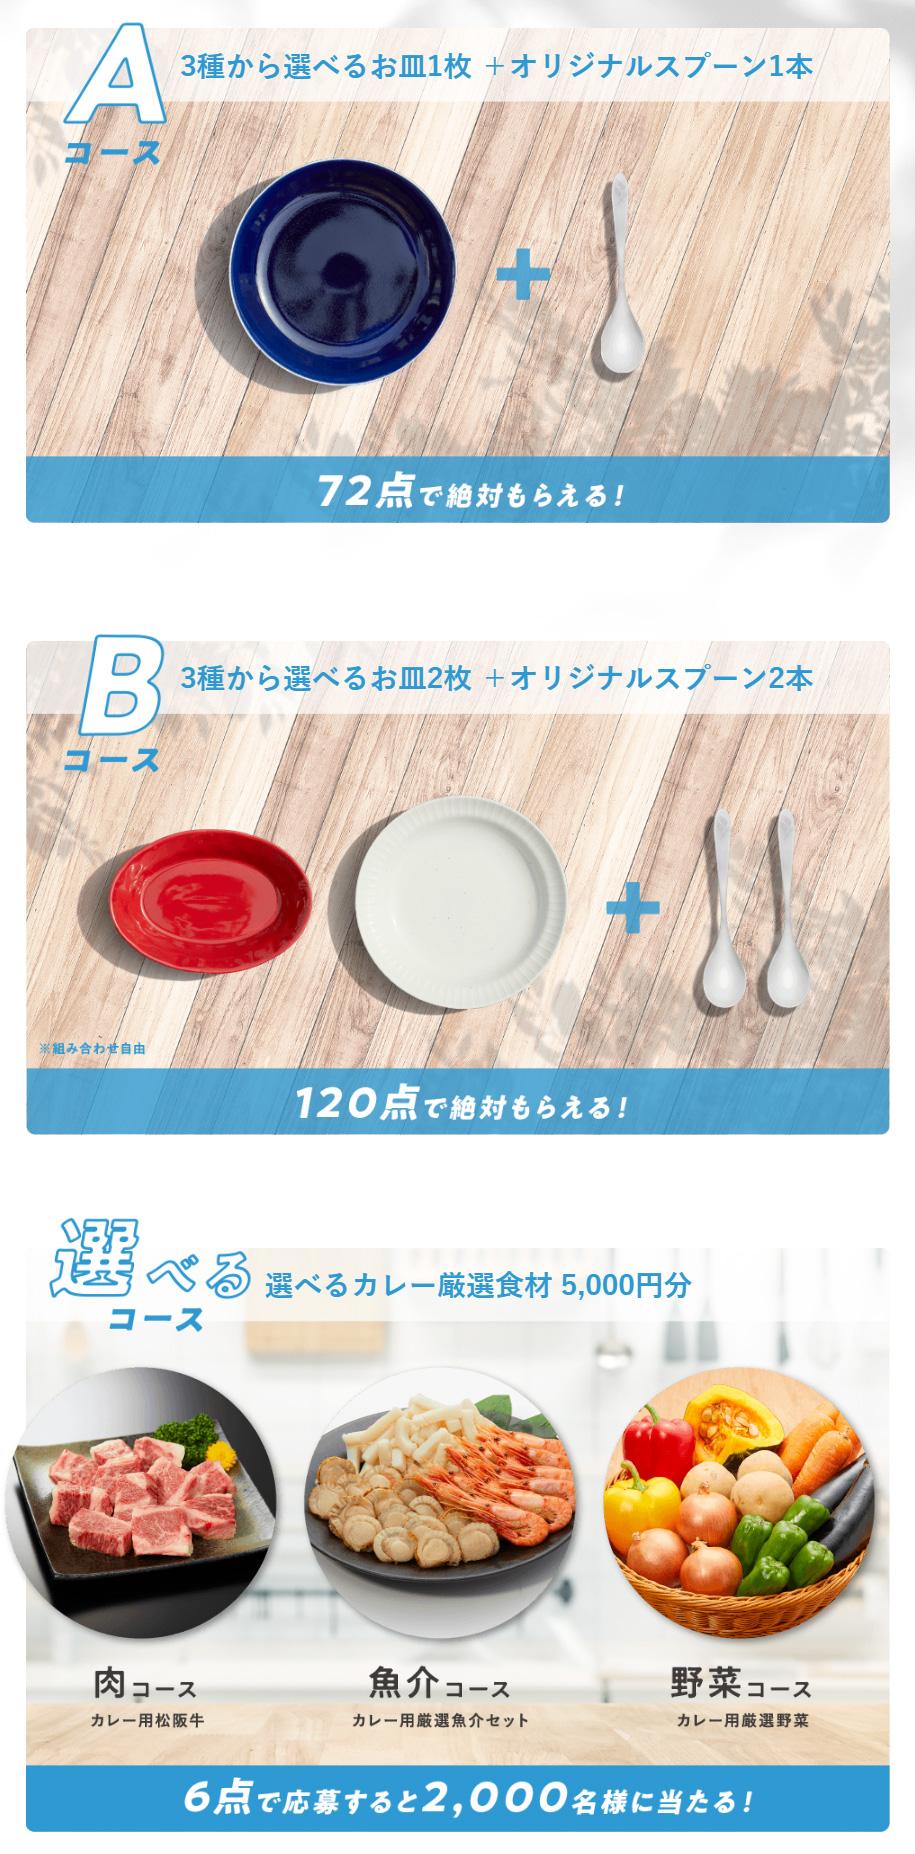 金麦 ハウス食品 絶対もらえるキャンペーン2020夏 プレゼント懸賞品